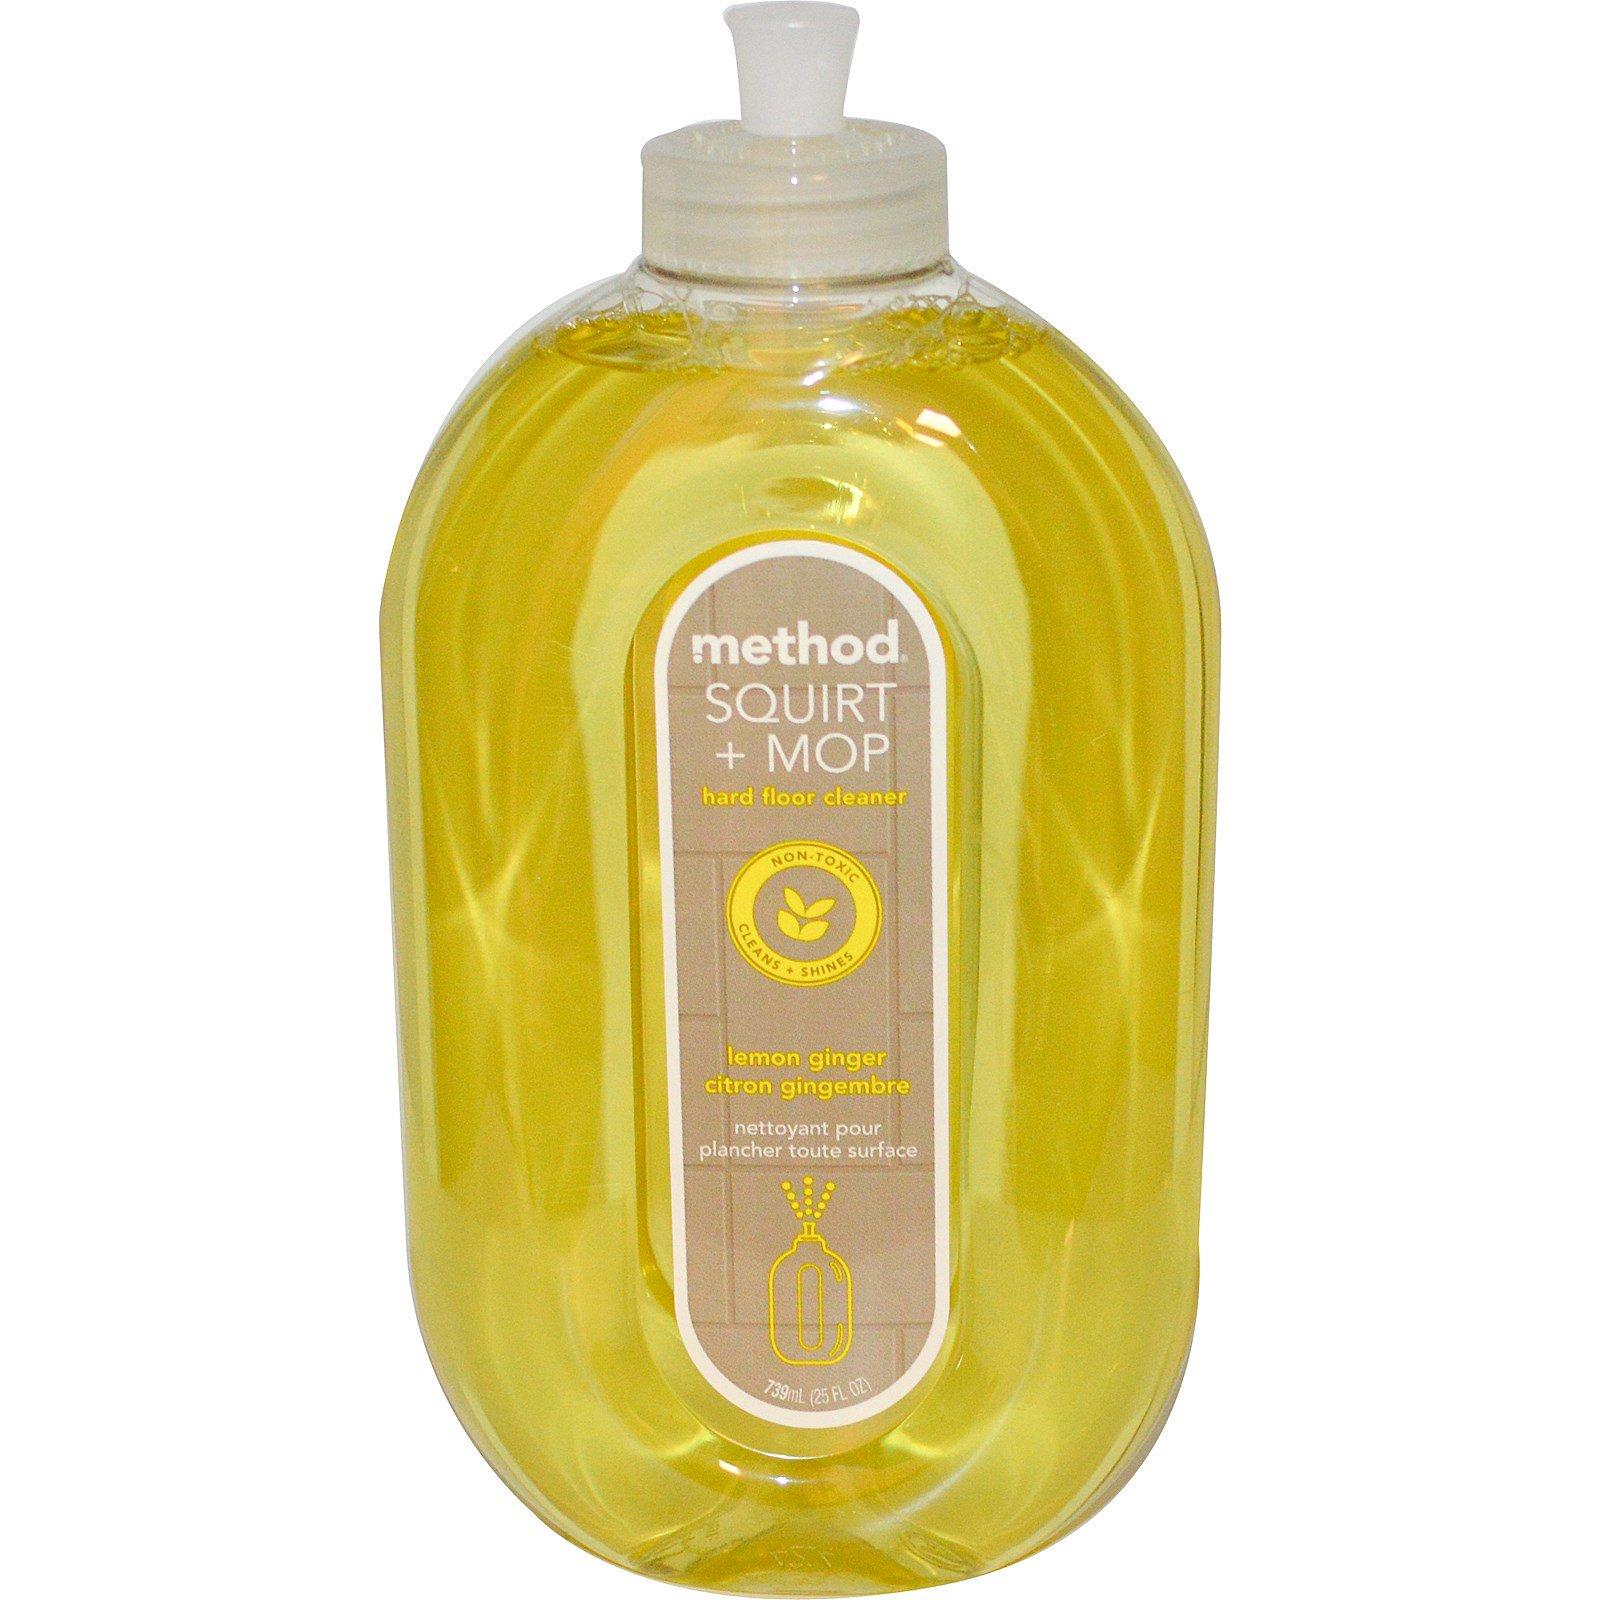 method squirt mop hard floor cleaner lemon ginger 25. Black Bedroom Furniture Sets. Home Design Ideas